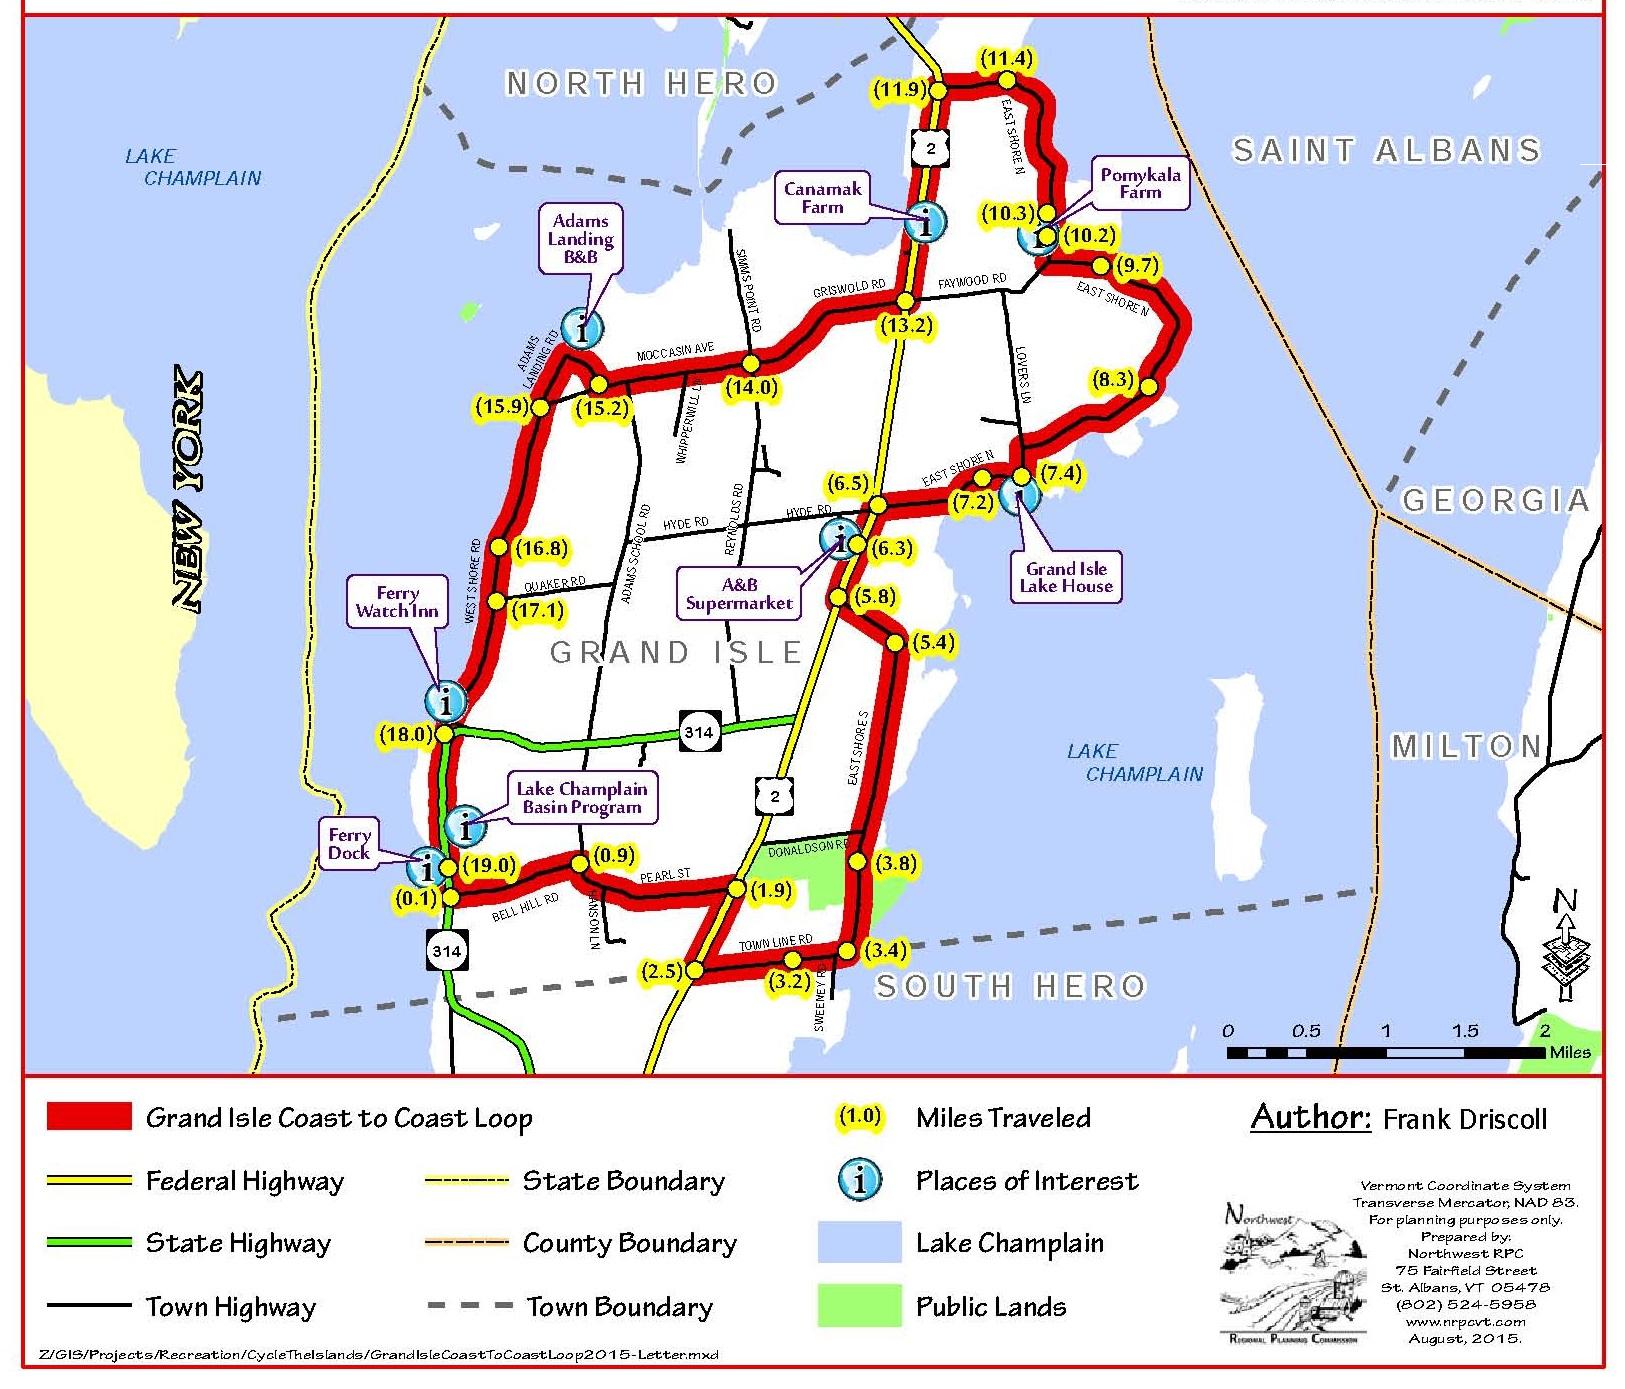 Grand Isle CoasttoCoast Cycle the Islands of Lake Champlain